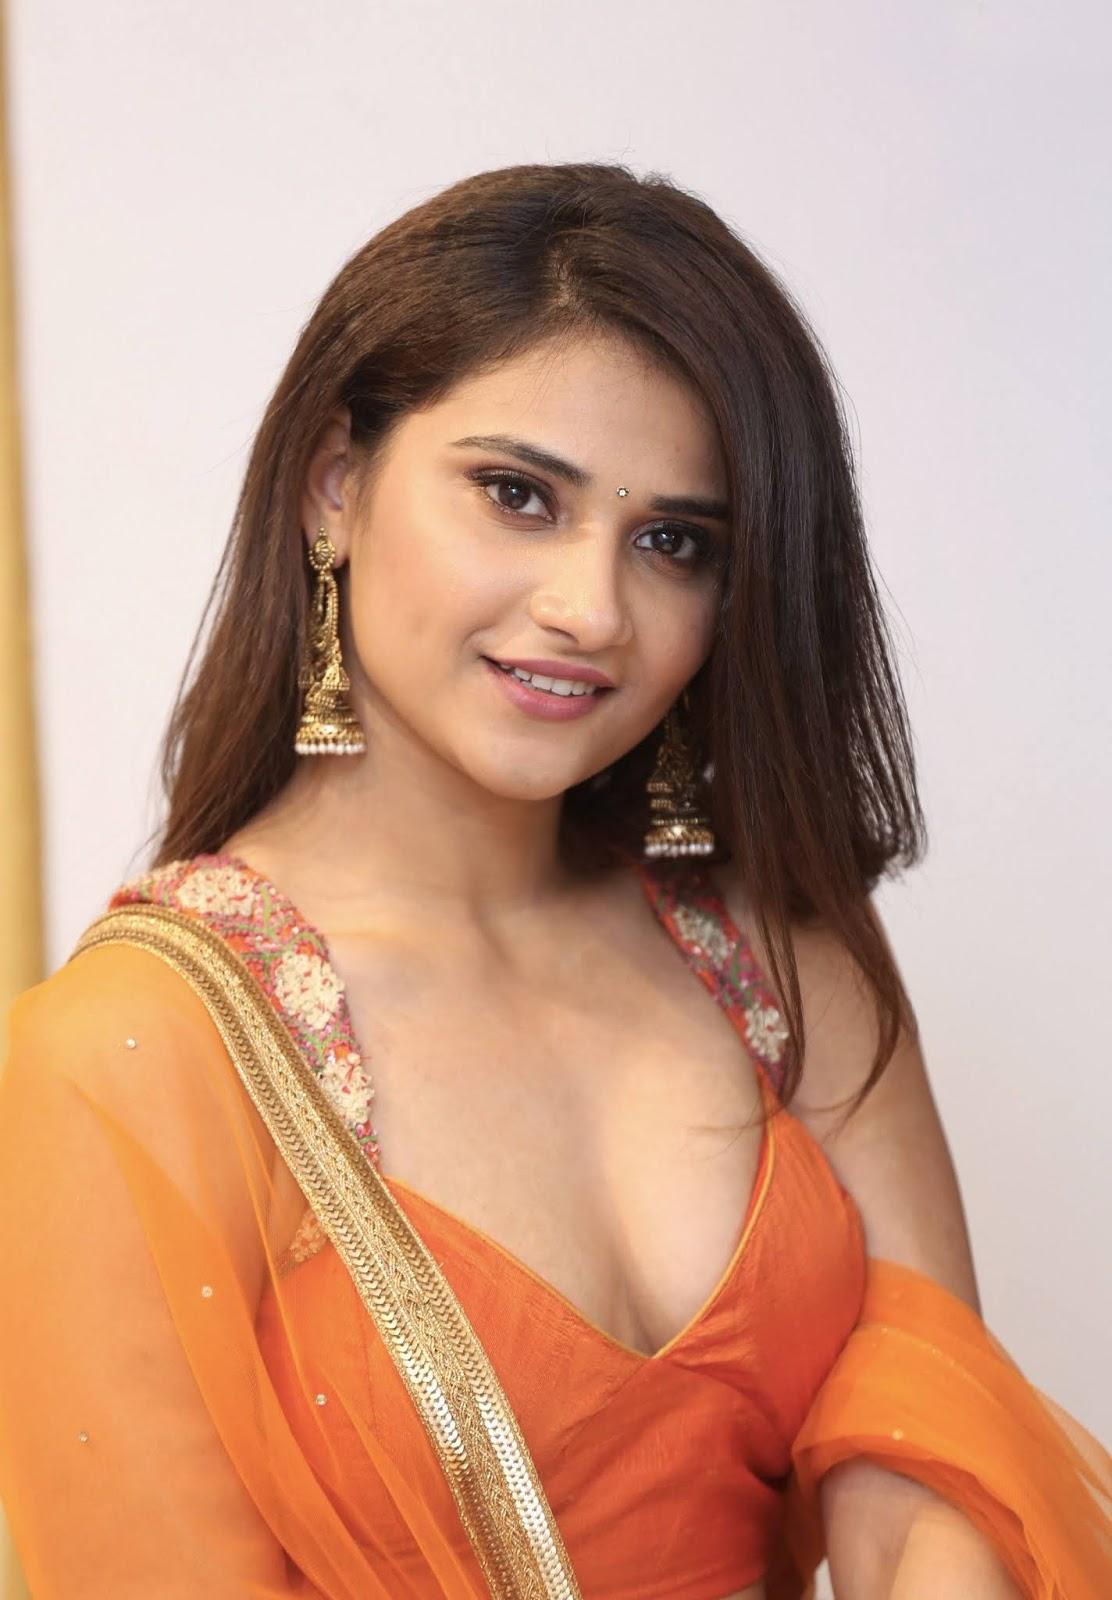 Priya Singh Hot Photos